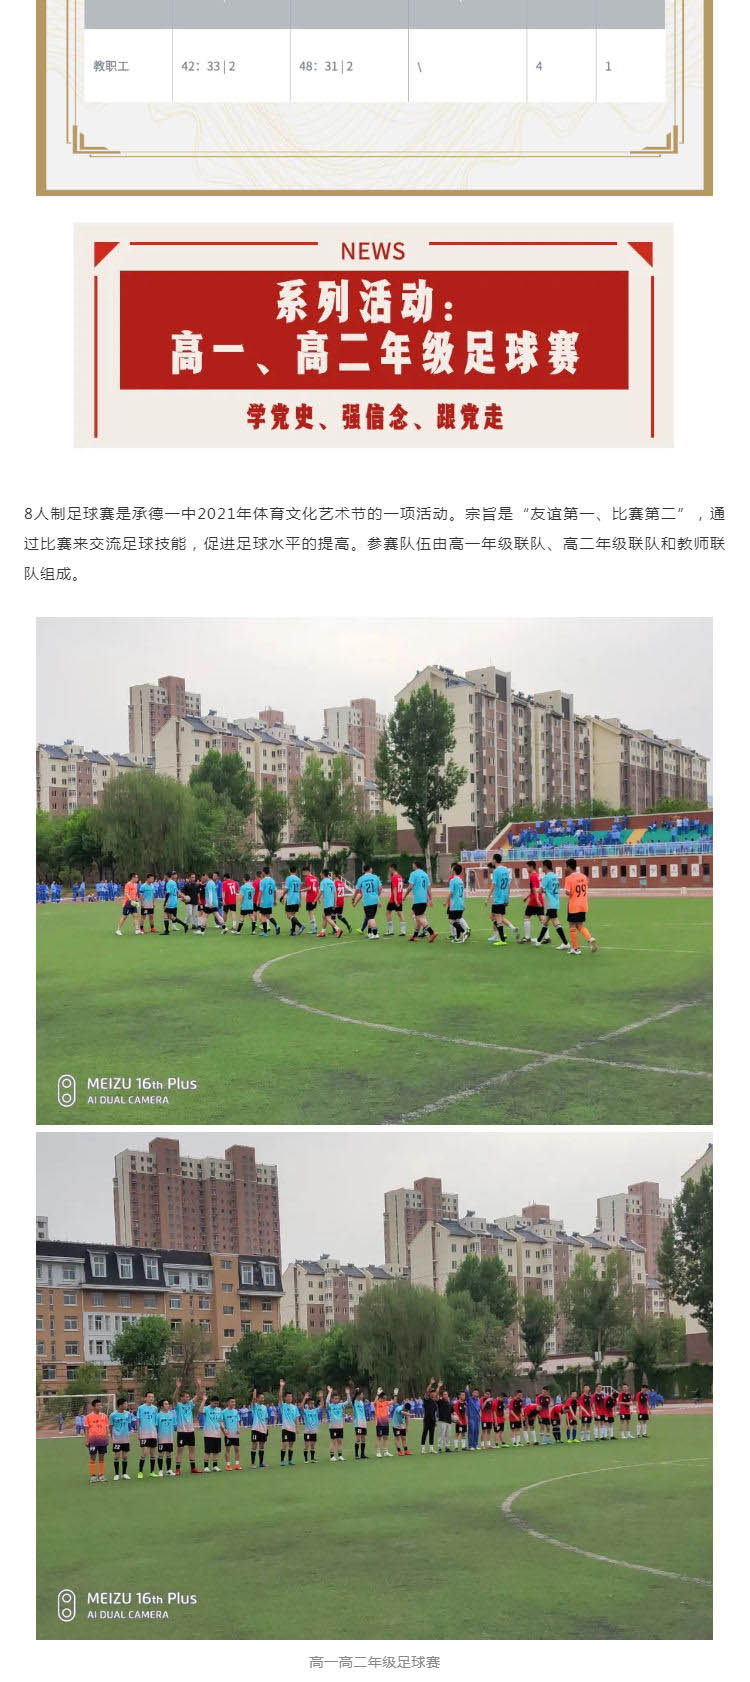 河北承德第一中学2021年校园文化体育艺术节系列勾当(二)_壹伴长图4.jpg